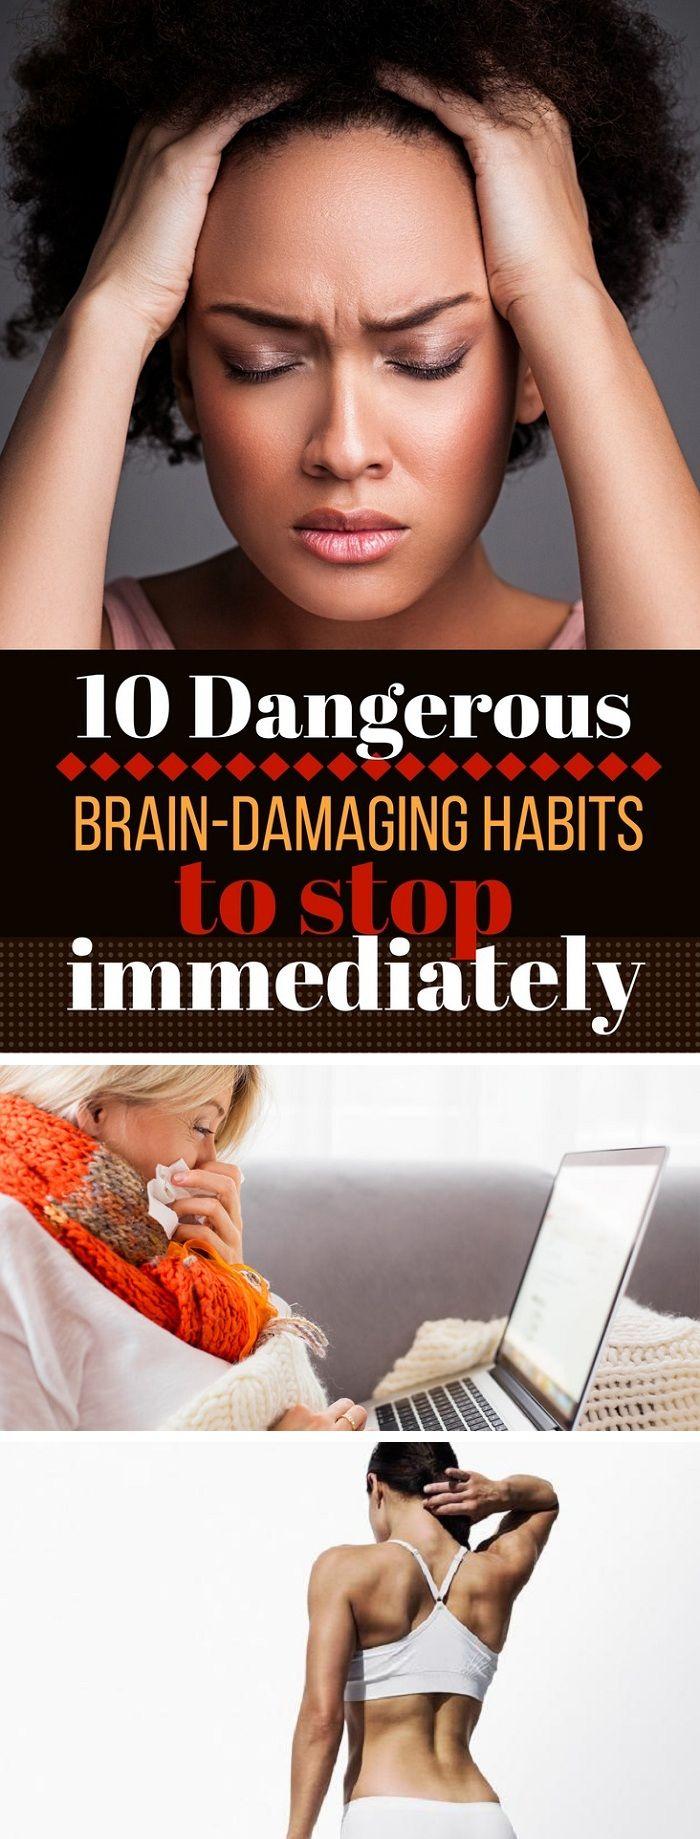 10 Dangerous Brain-Damaging Habits to Stop Immediately